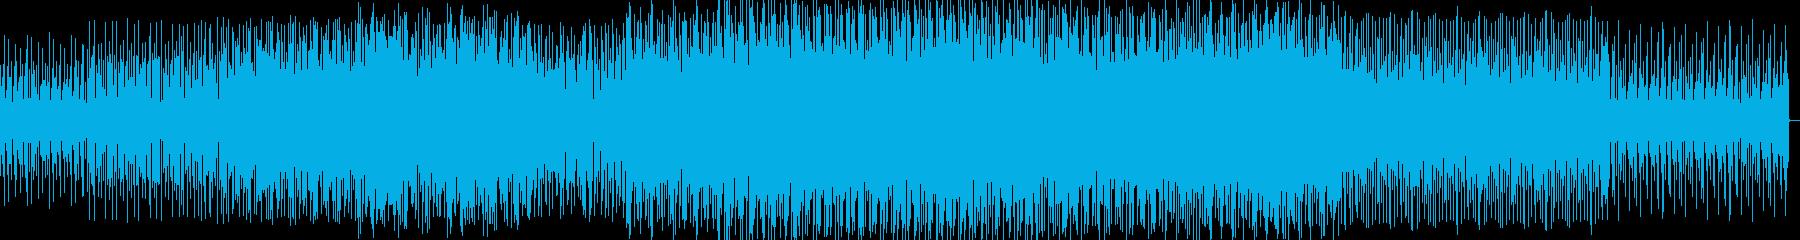 ダンス-DJツールに最適なハウスの再生済みの波形